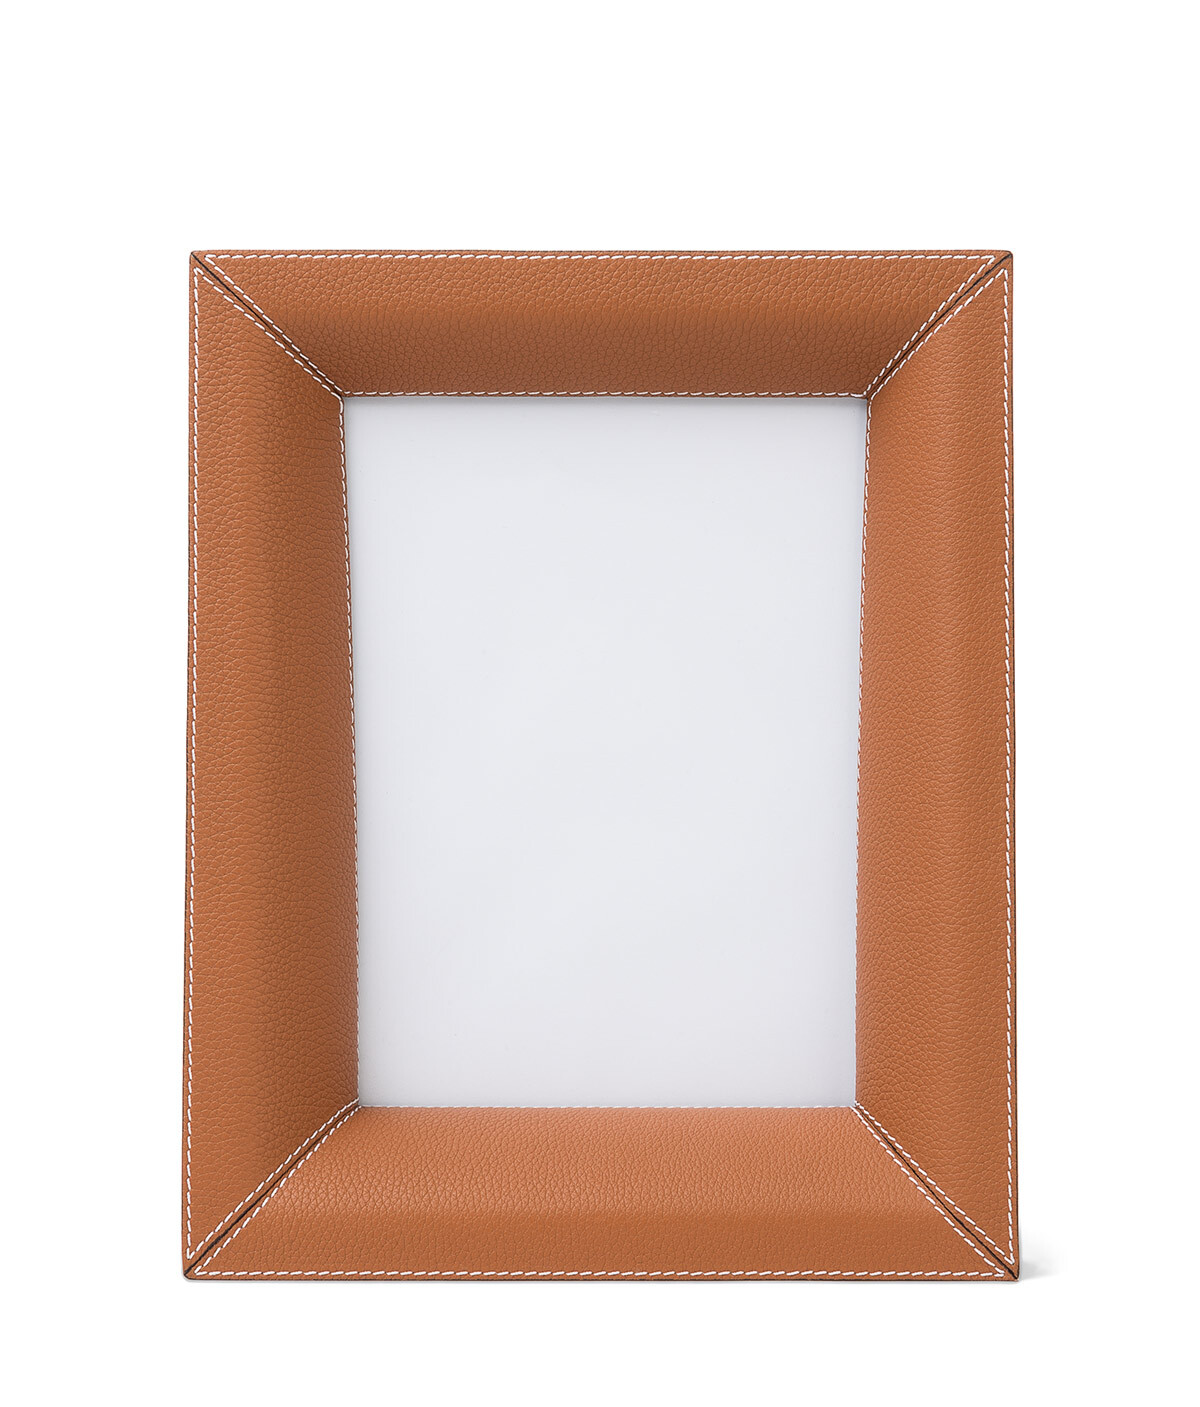 LOEWE Photo Frame Tan front